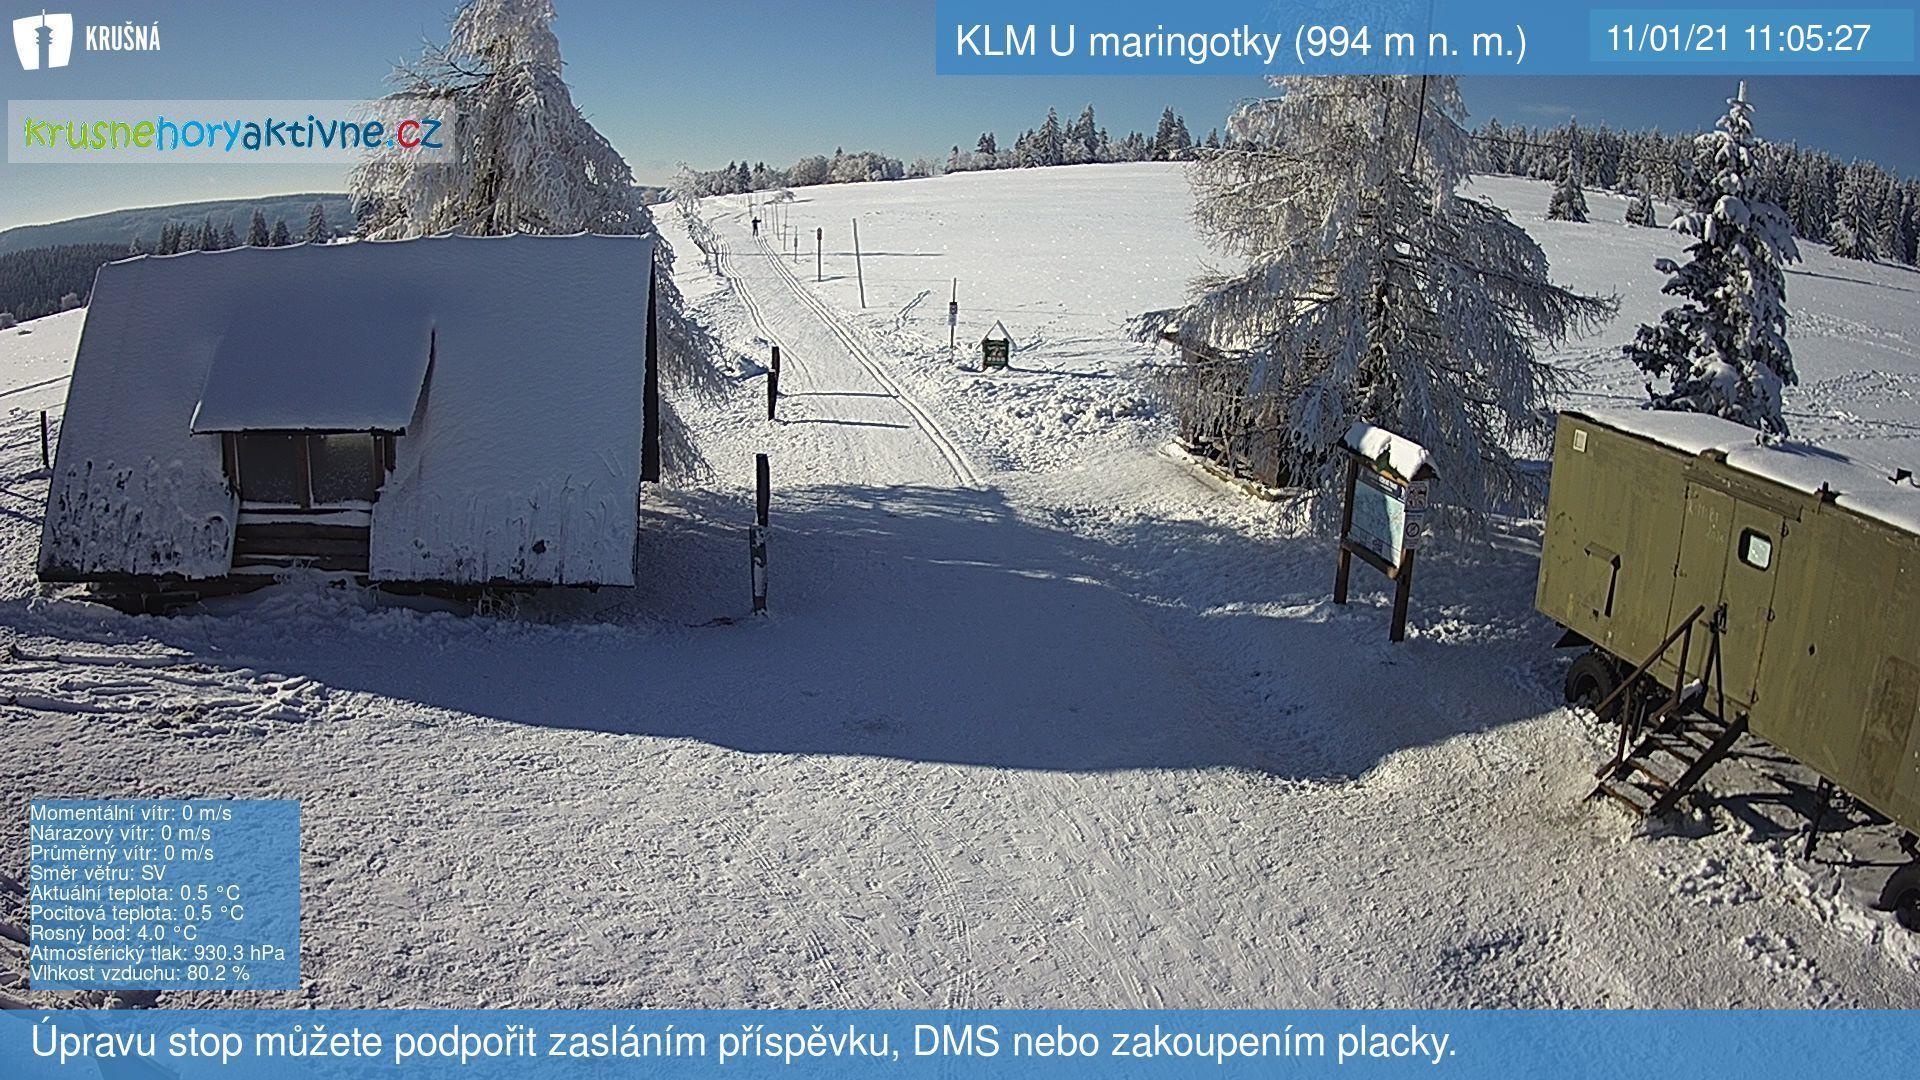 KLM u Maringotky 11.1.